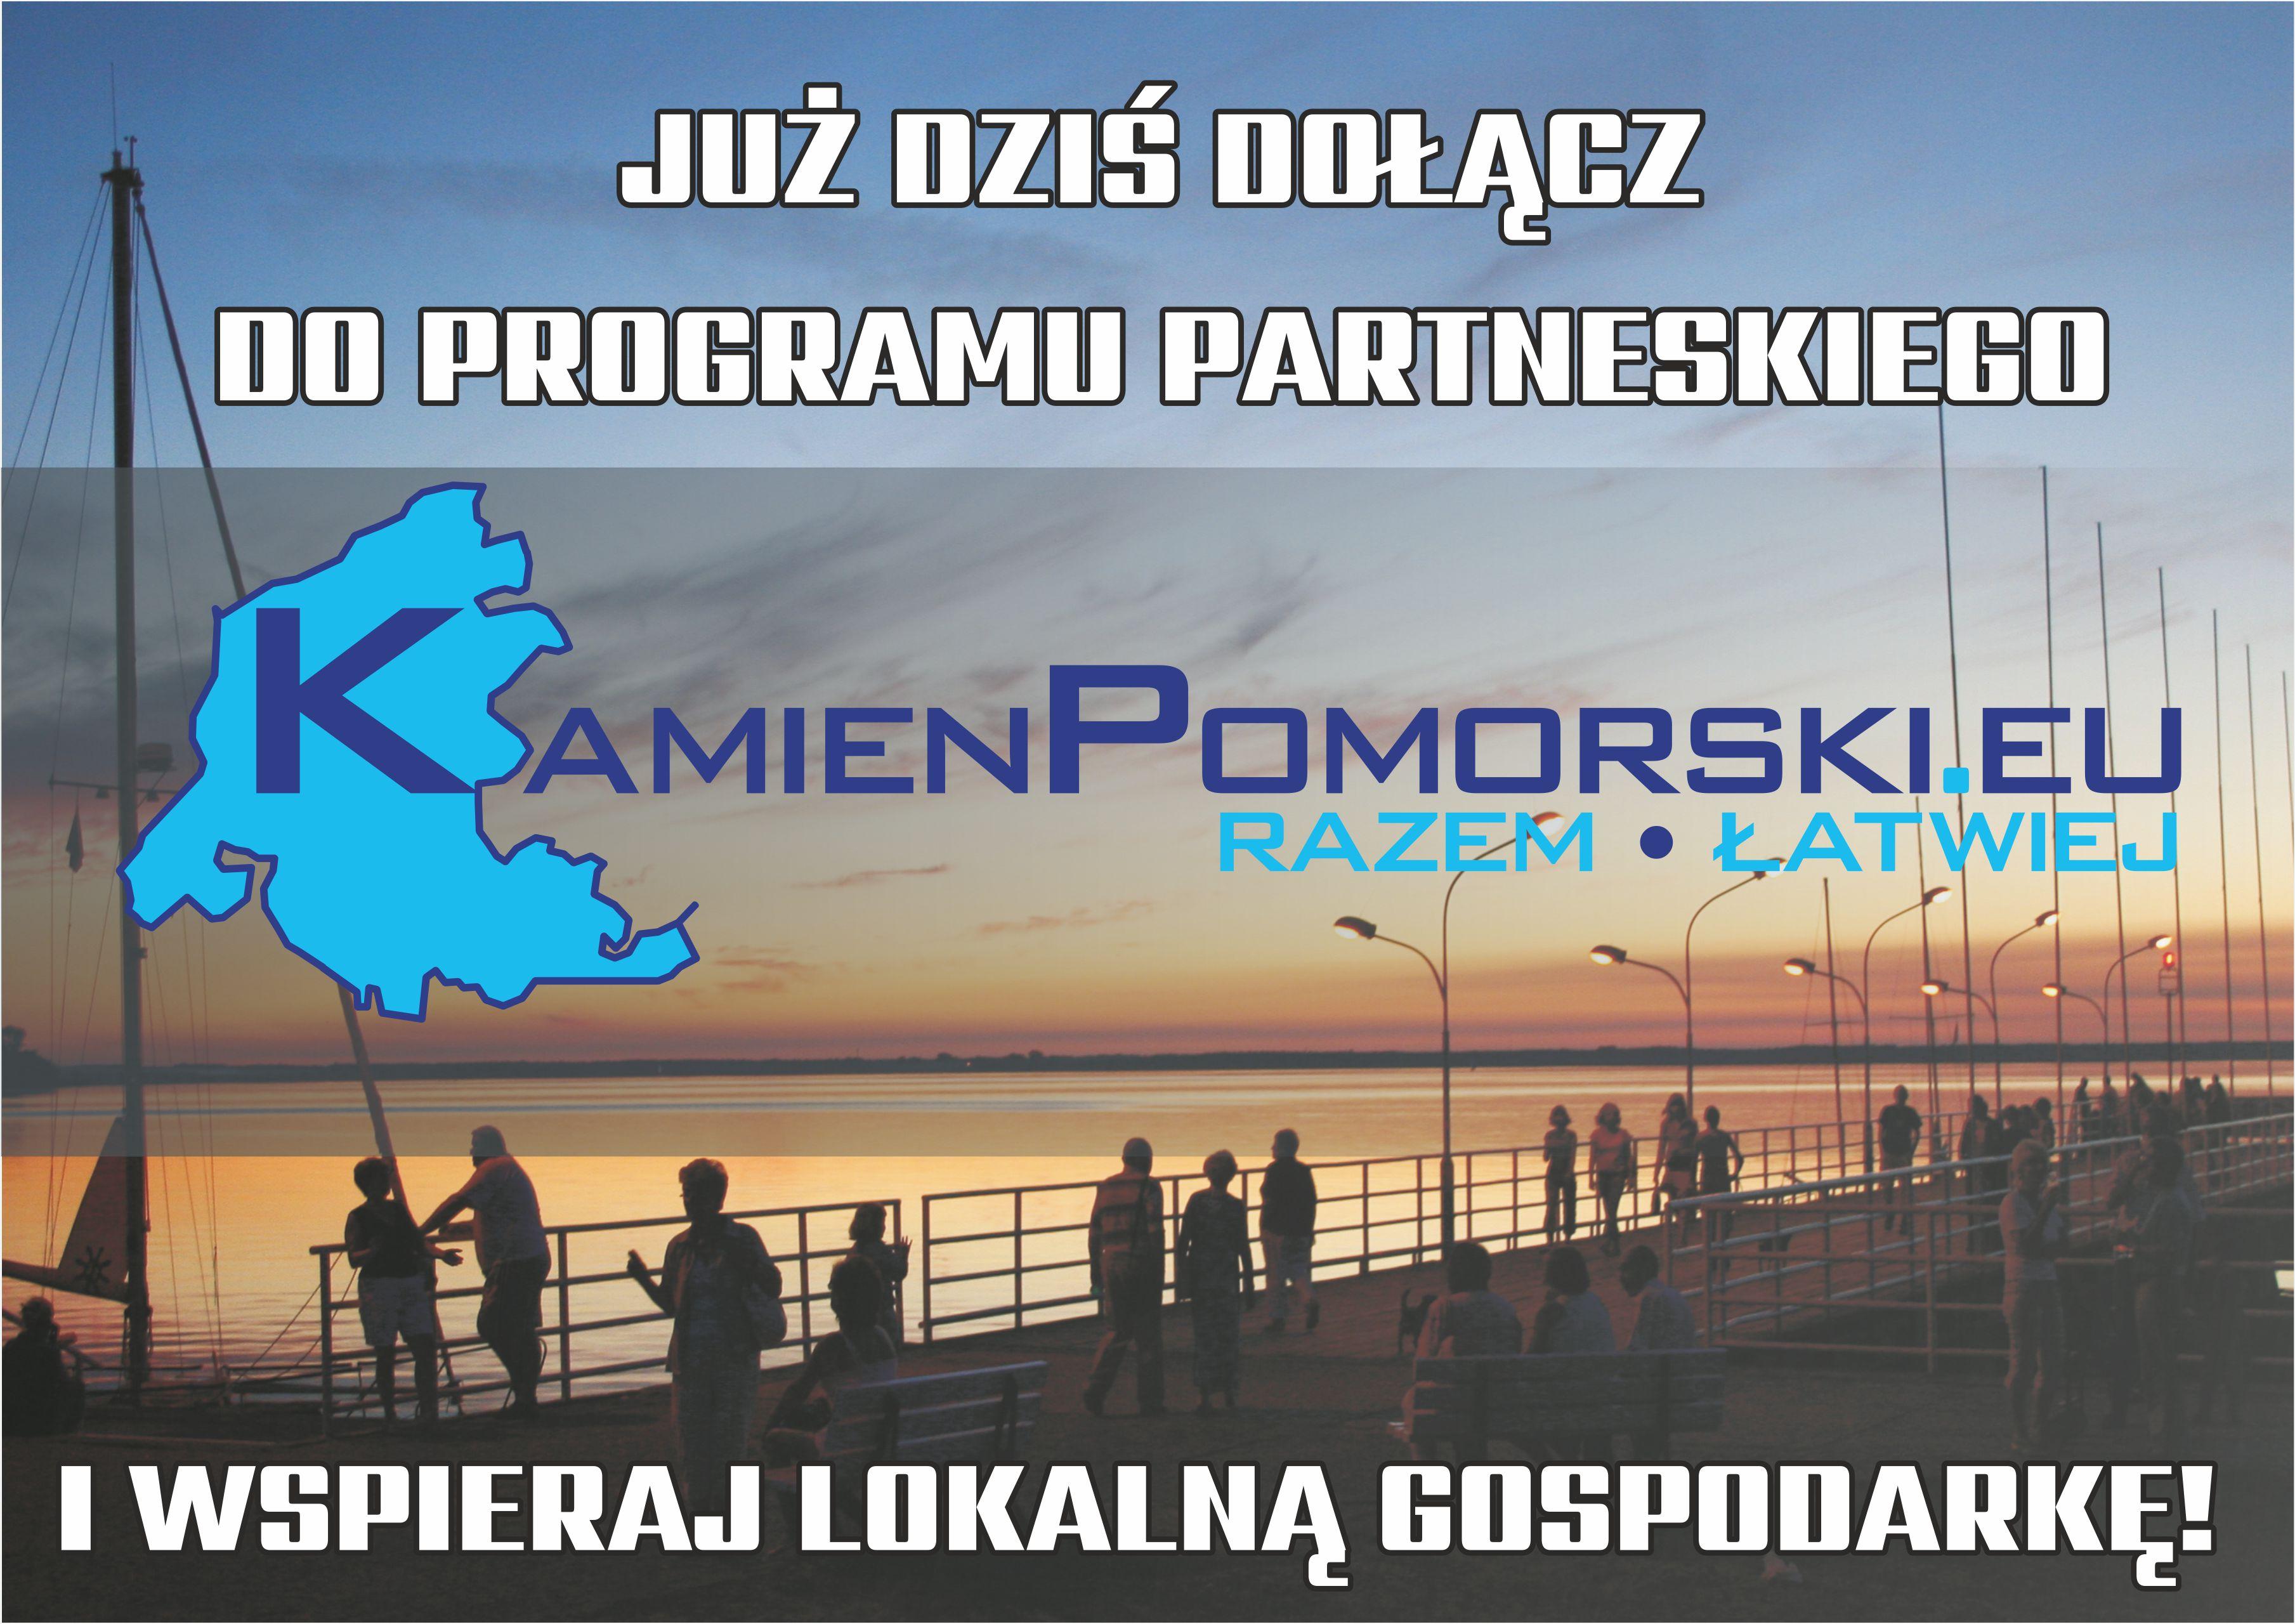 """Wspierajmy lokalną gospodarkę – program Partnerski """"Razem Łatwiej!"""""""